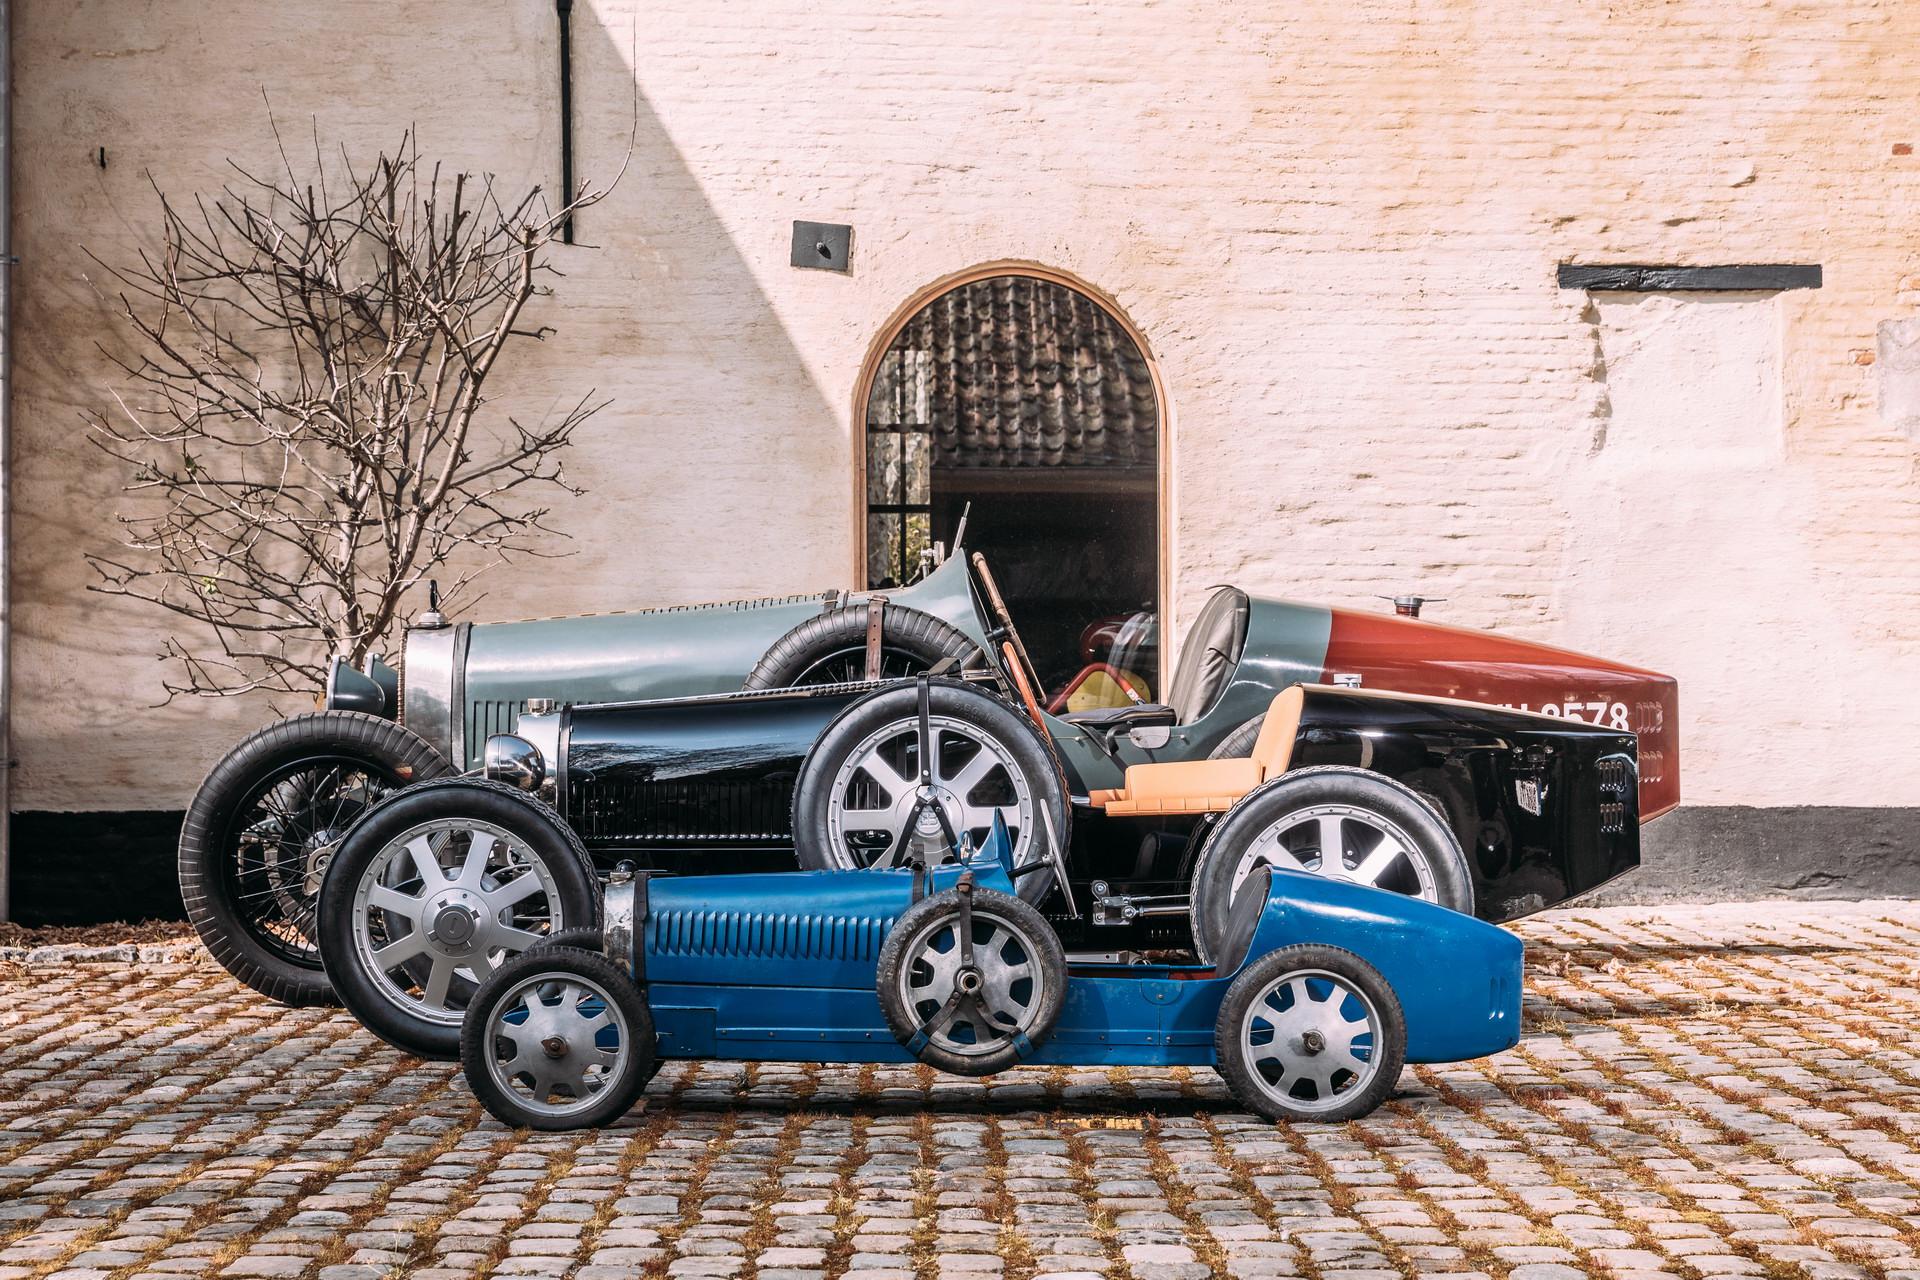 A Bugatti játékautó ára méltó a márkához, őrült pénzt kérnek érte 4